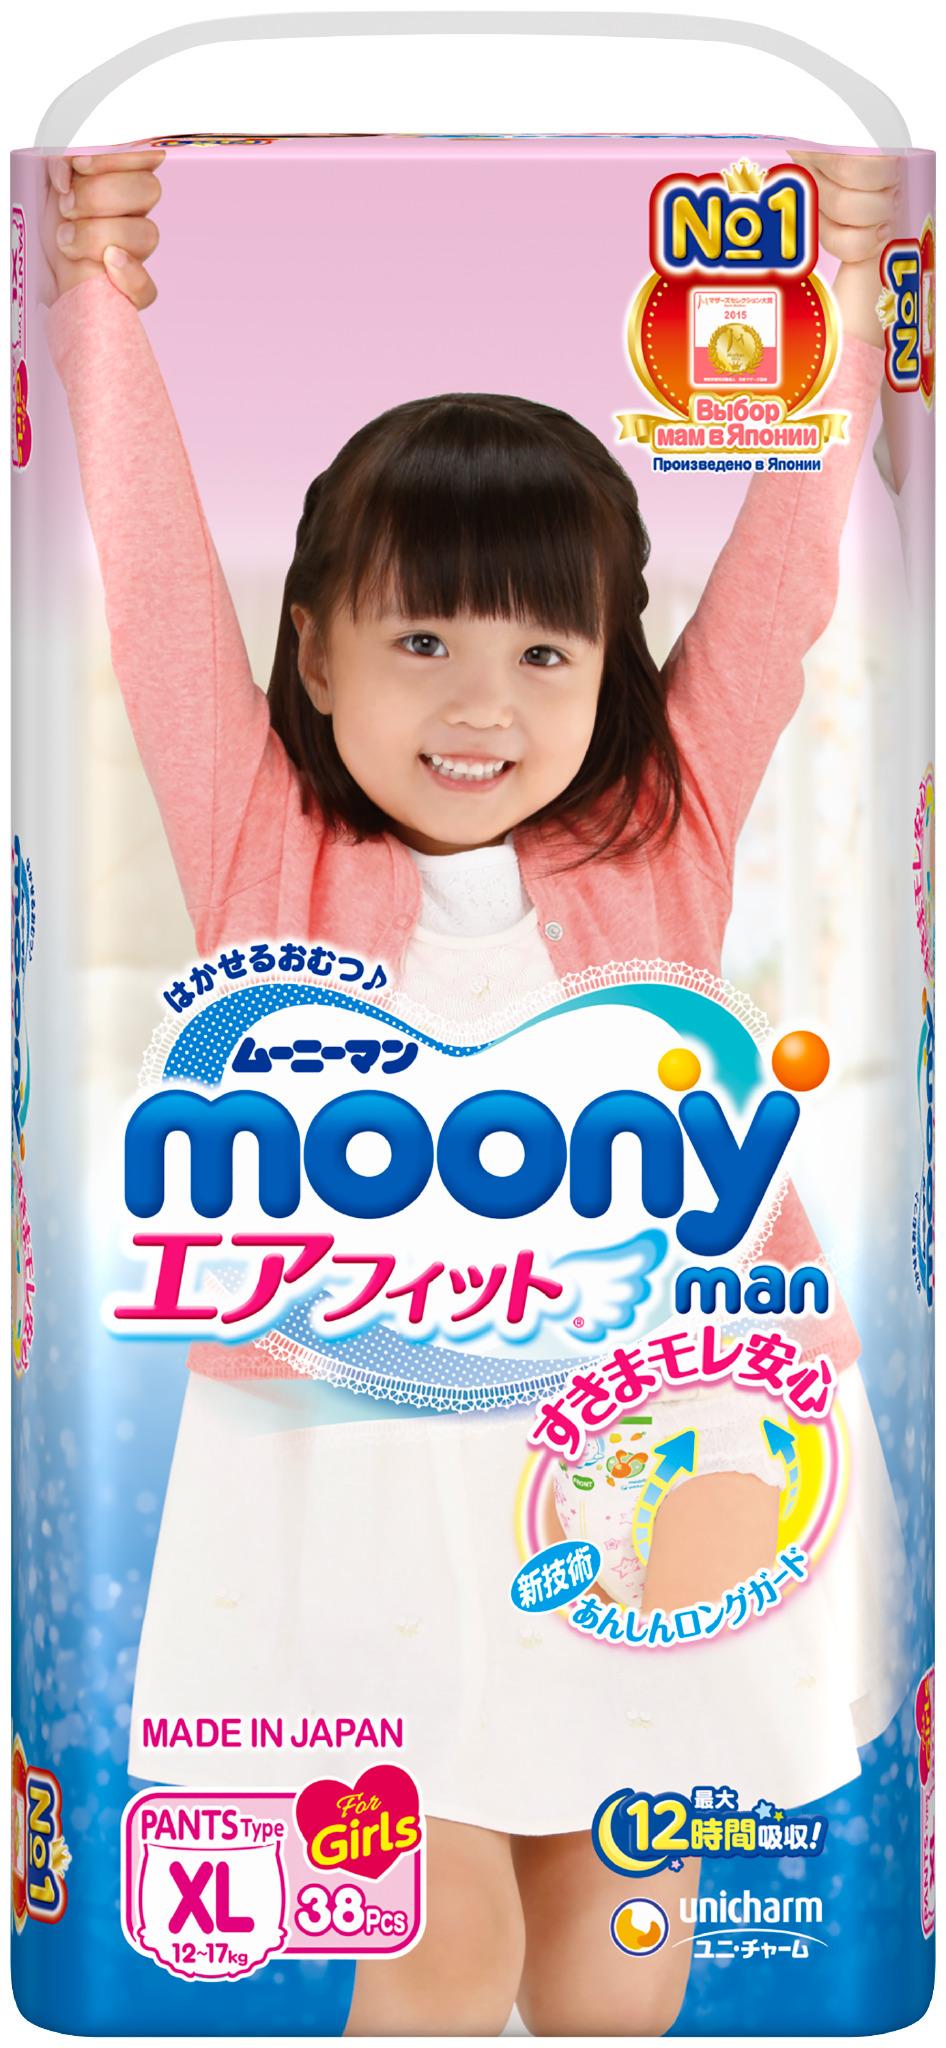 Купить Подгузники-трусики, Man для девочек XL (12-17кг) 38 шт., Moony man, Япония, Женский